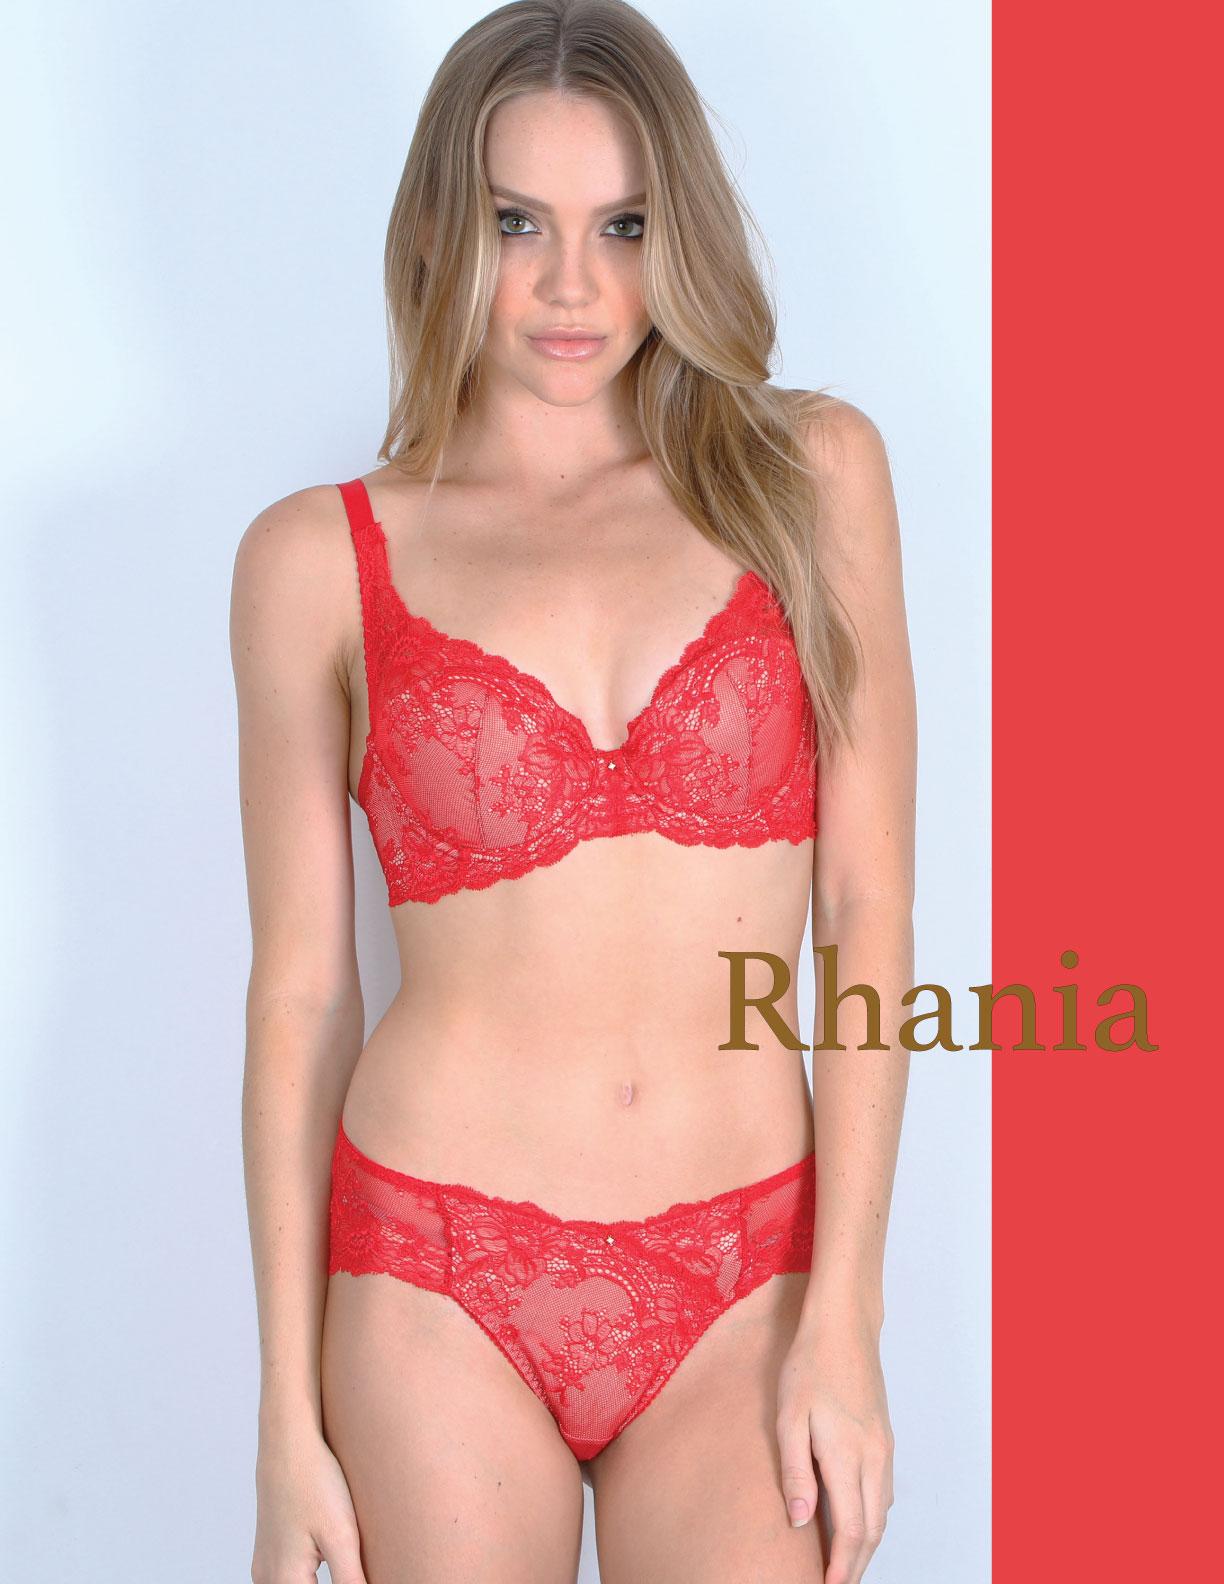 Rhania-CHOOSE